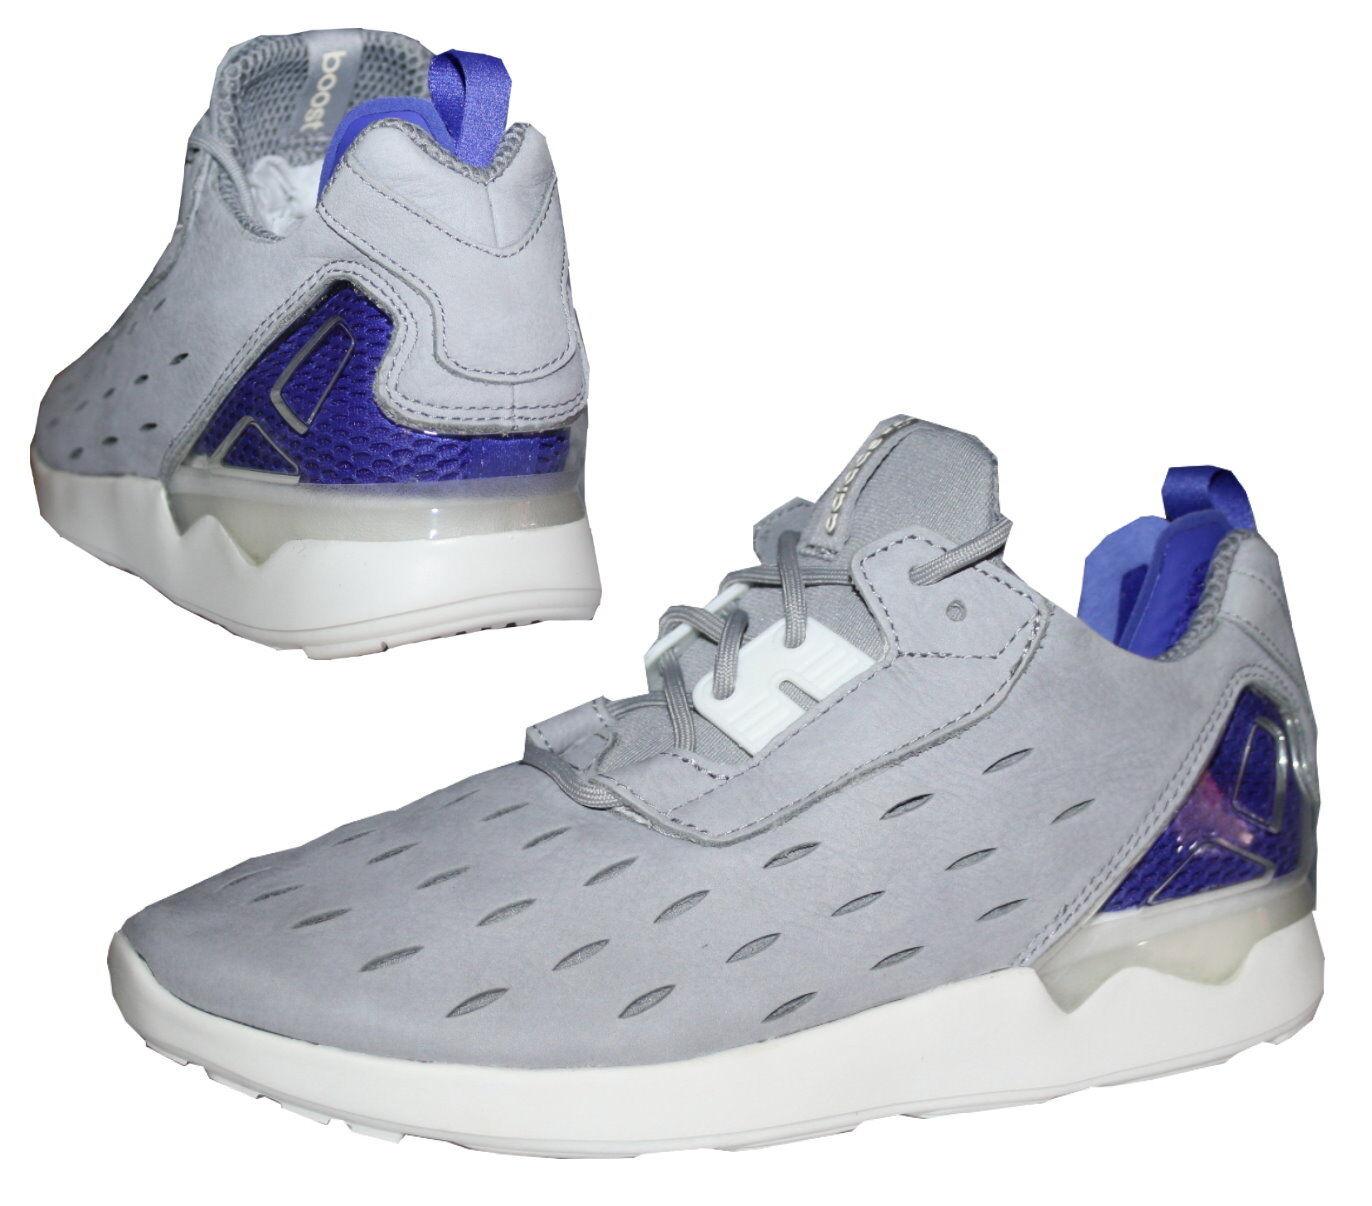 Adidas Originals ZX 8000 Azul Boost señora zapatillas 1/3 sneakers zapatos talla 39 1/3 zapatillas 563848